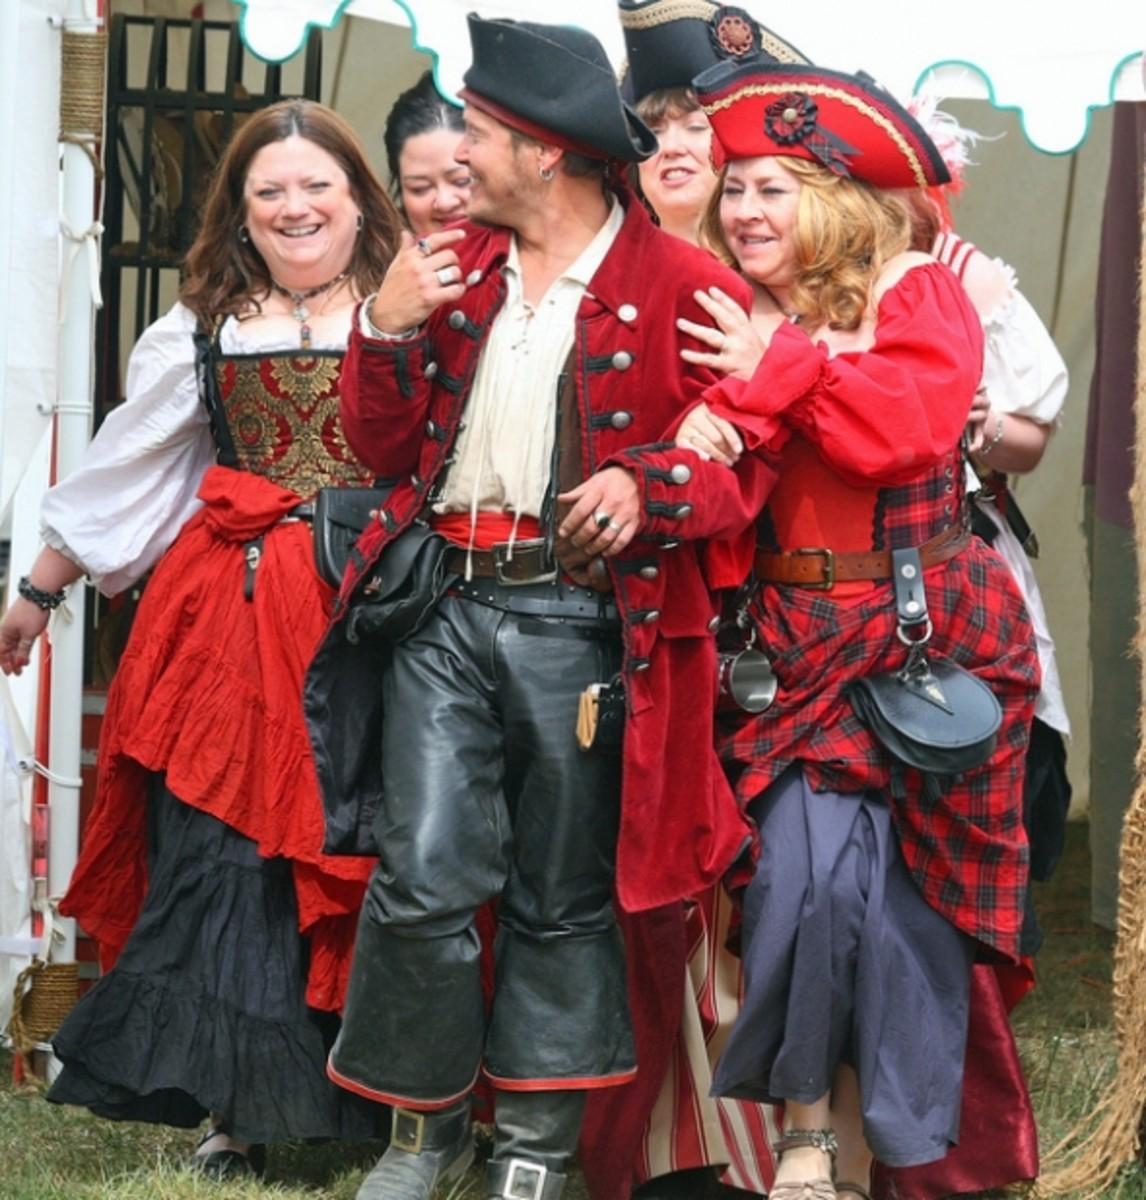 Group Fancy Dress Ideas For Hen Party: Group Fancy Dress Costume Ideas